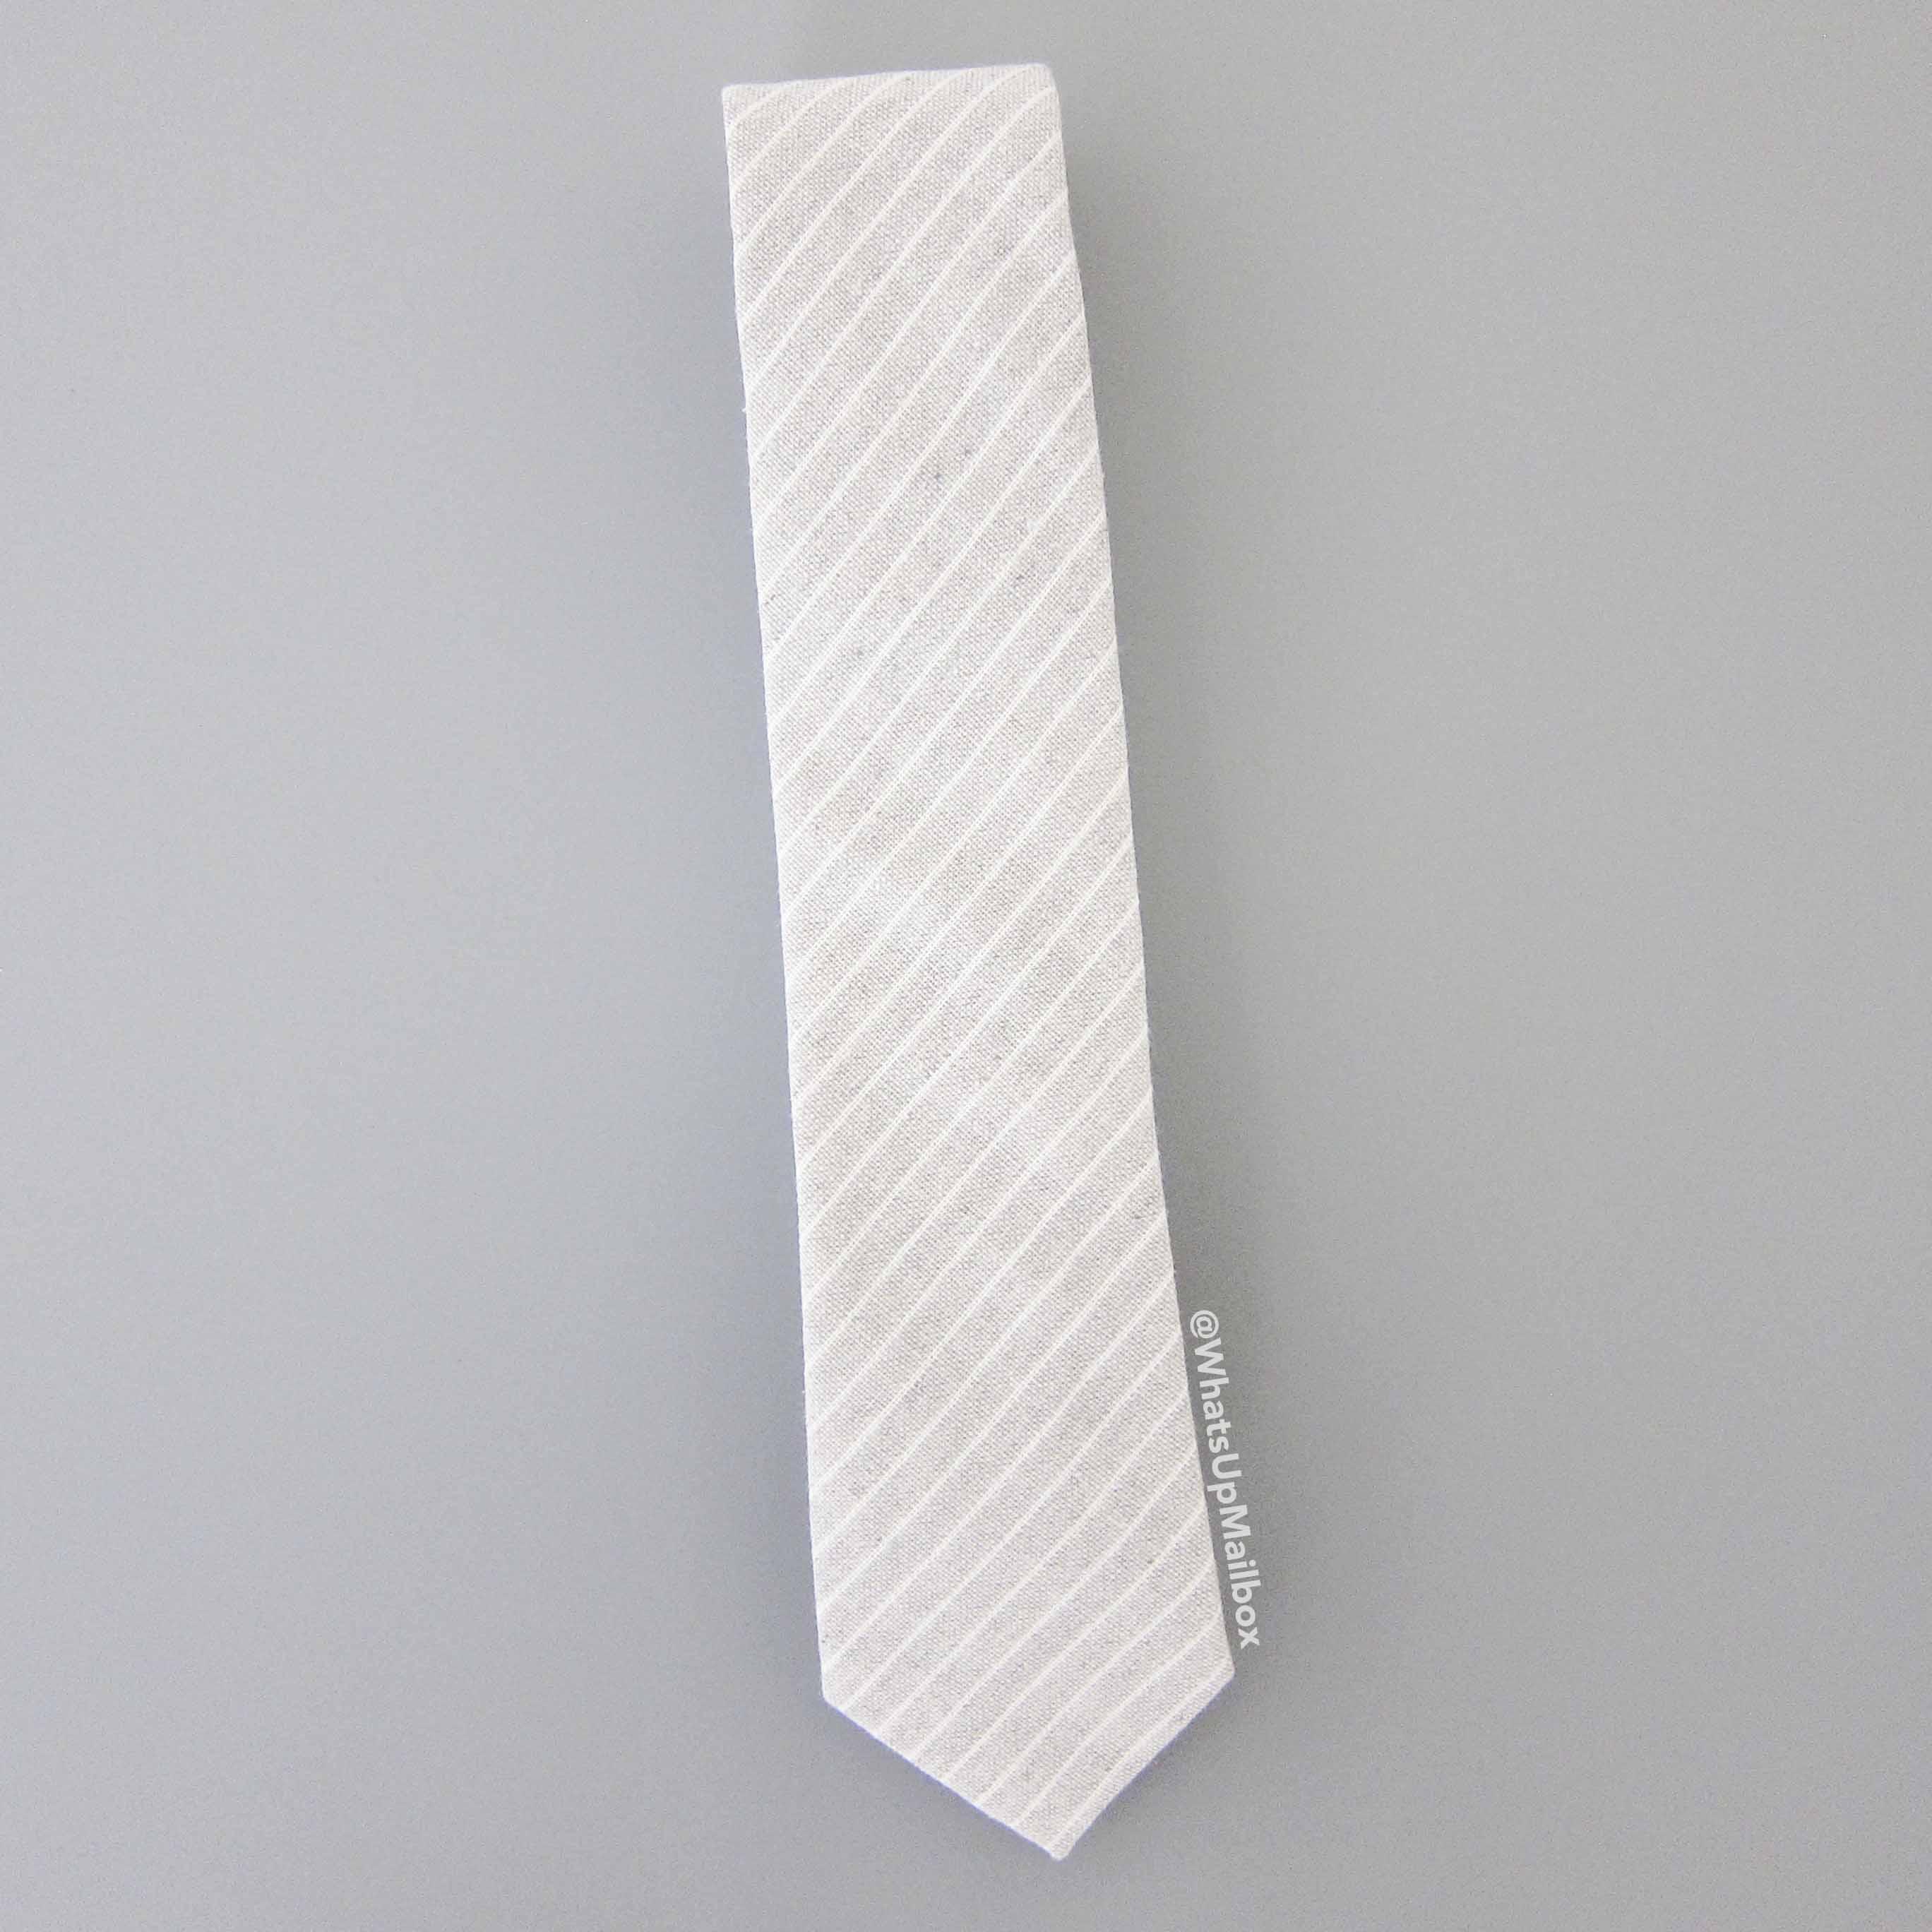 Eezy Wear Tie